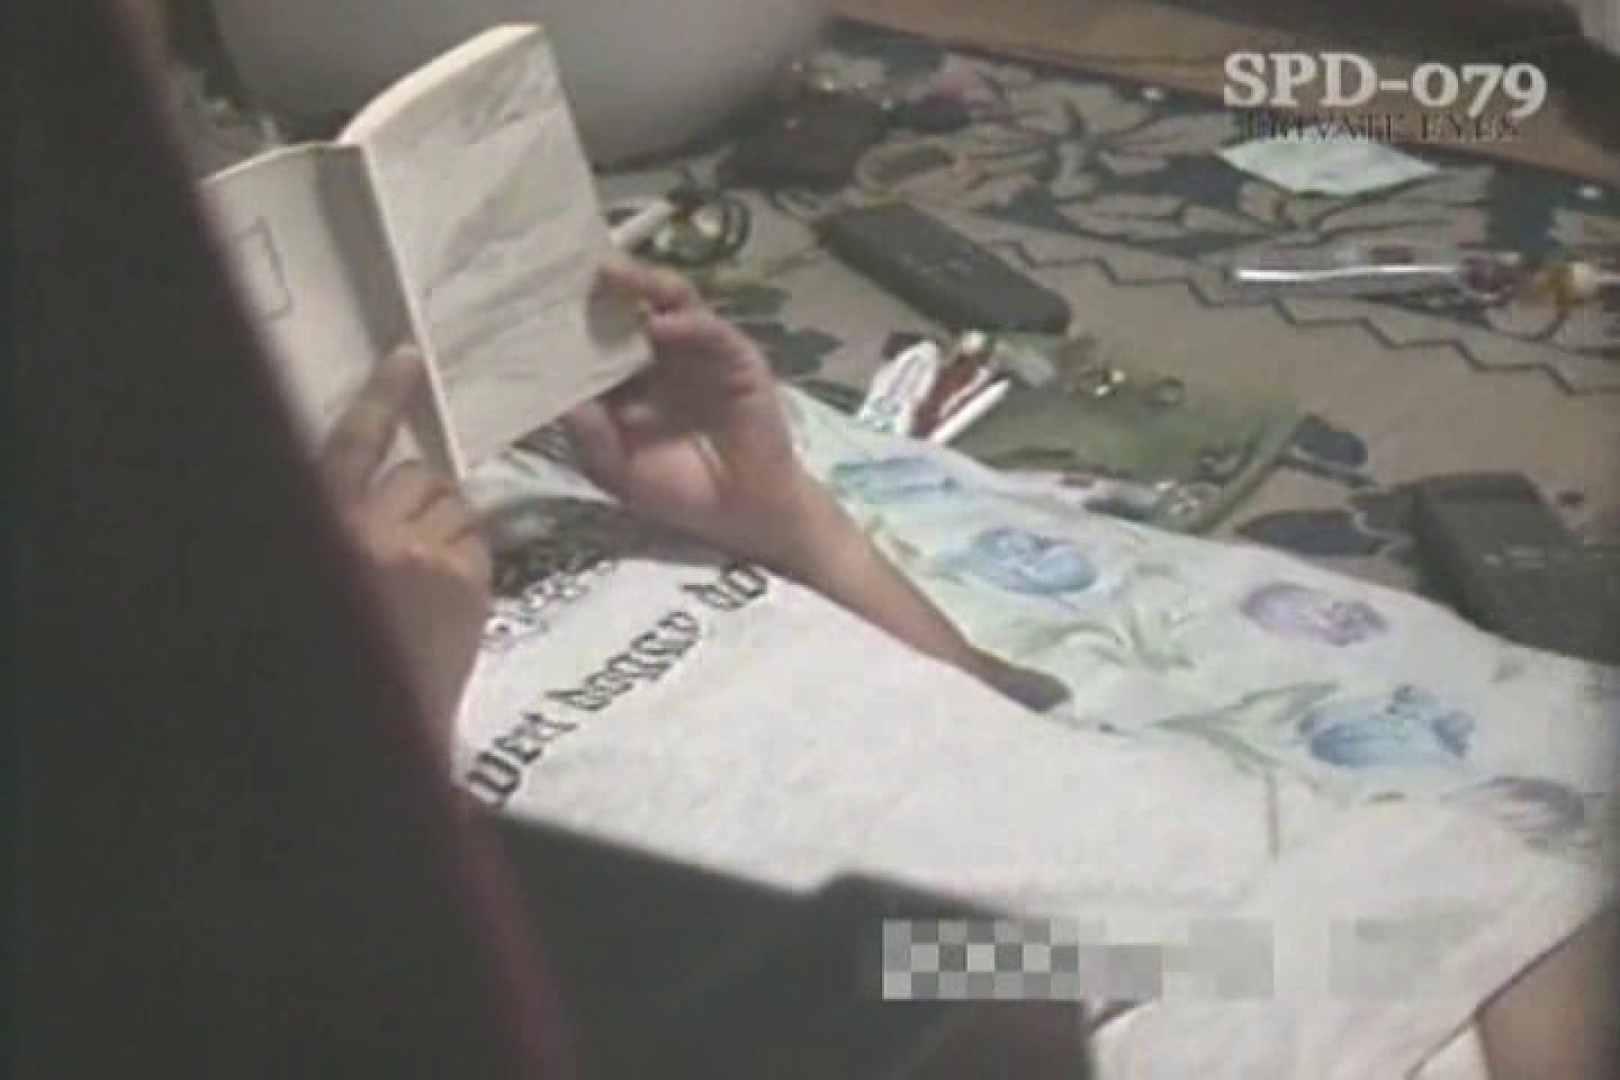 高画質版!SPD-079 盗撮 ~住宅地の恐怖~ 高画質  95PIX 36